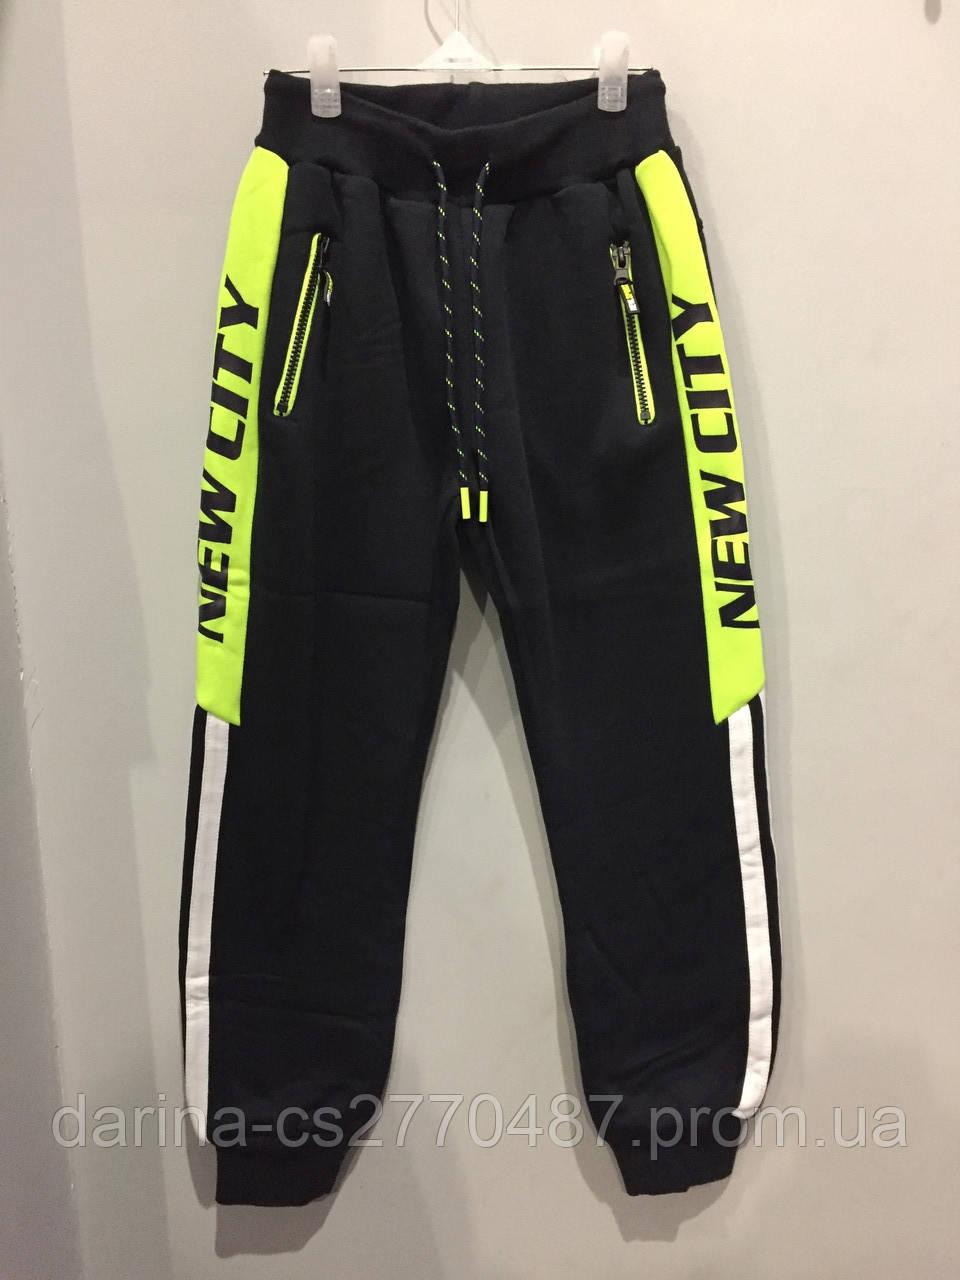 Тёплые спортивные штаны для мальчика 134,140,152 см